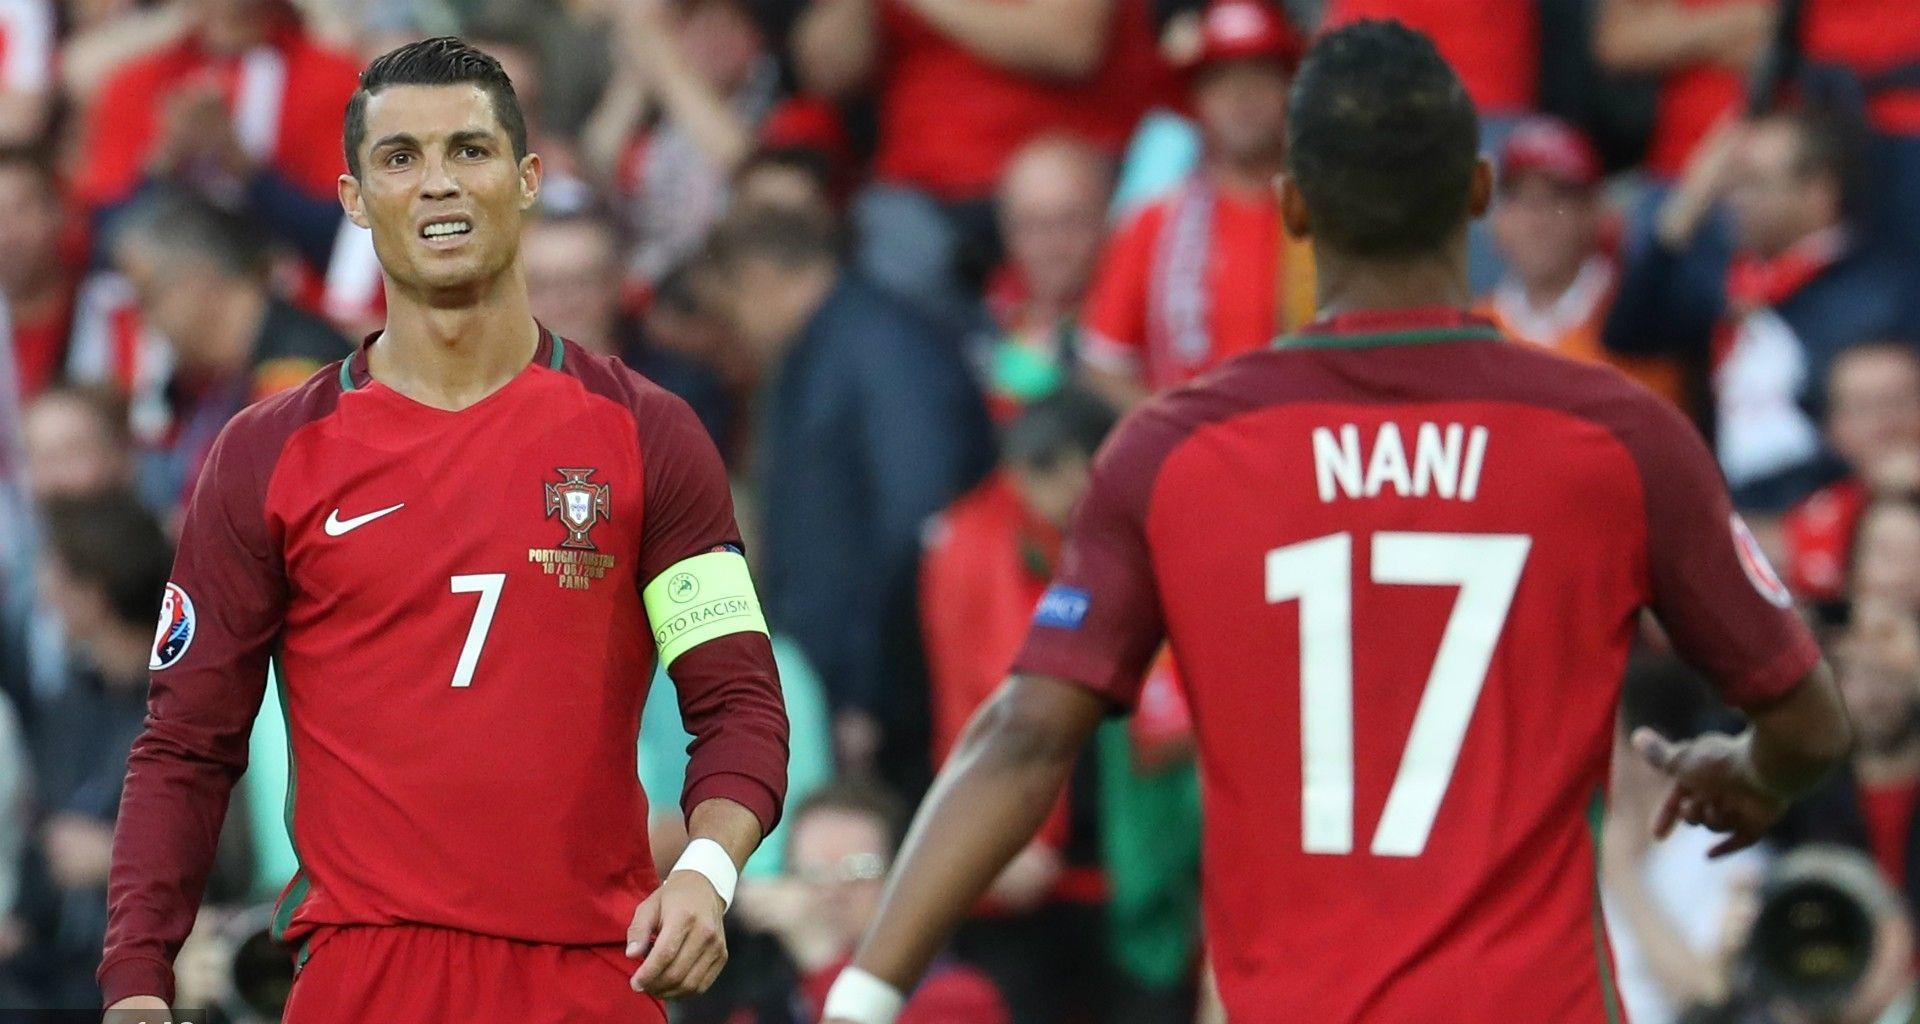 أبرزها «البرتغال والمكسيك».. تعرف على مواجهات الأحد في كأس القارات